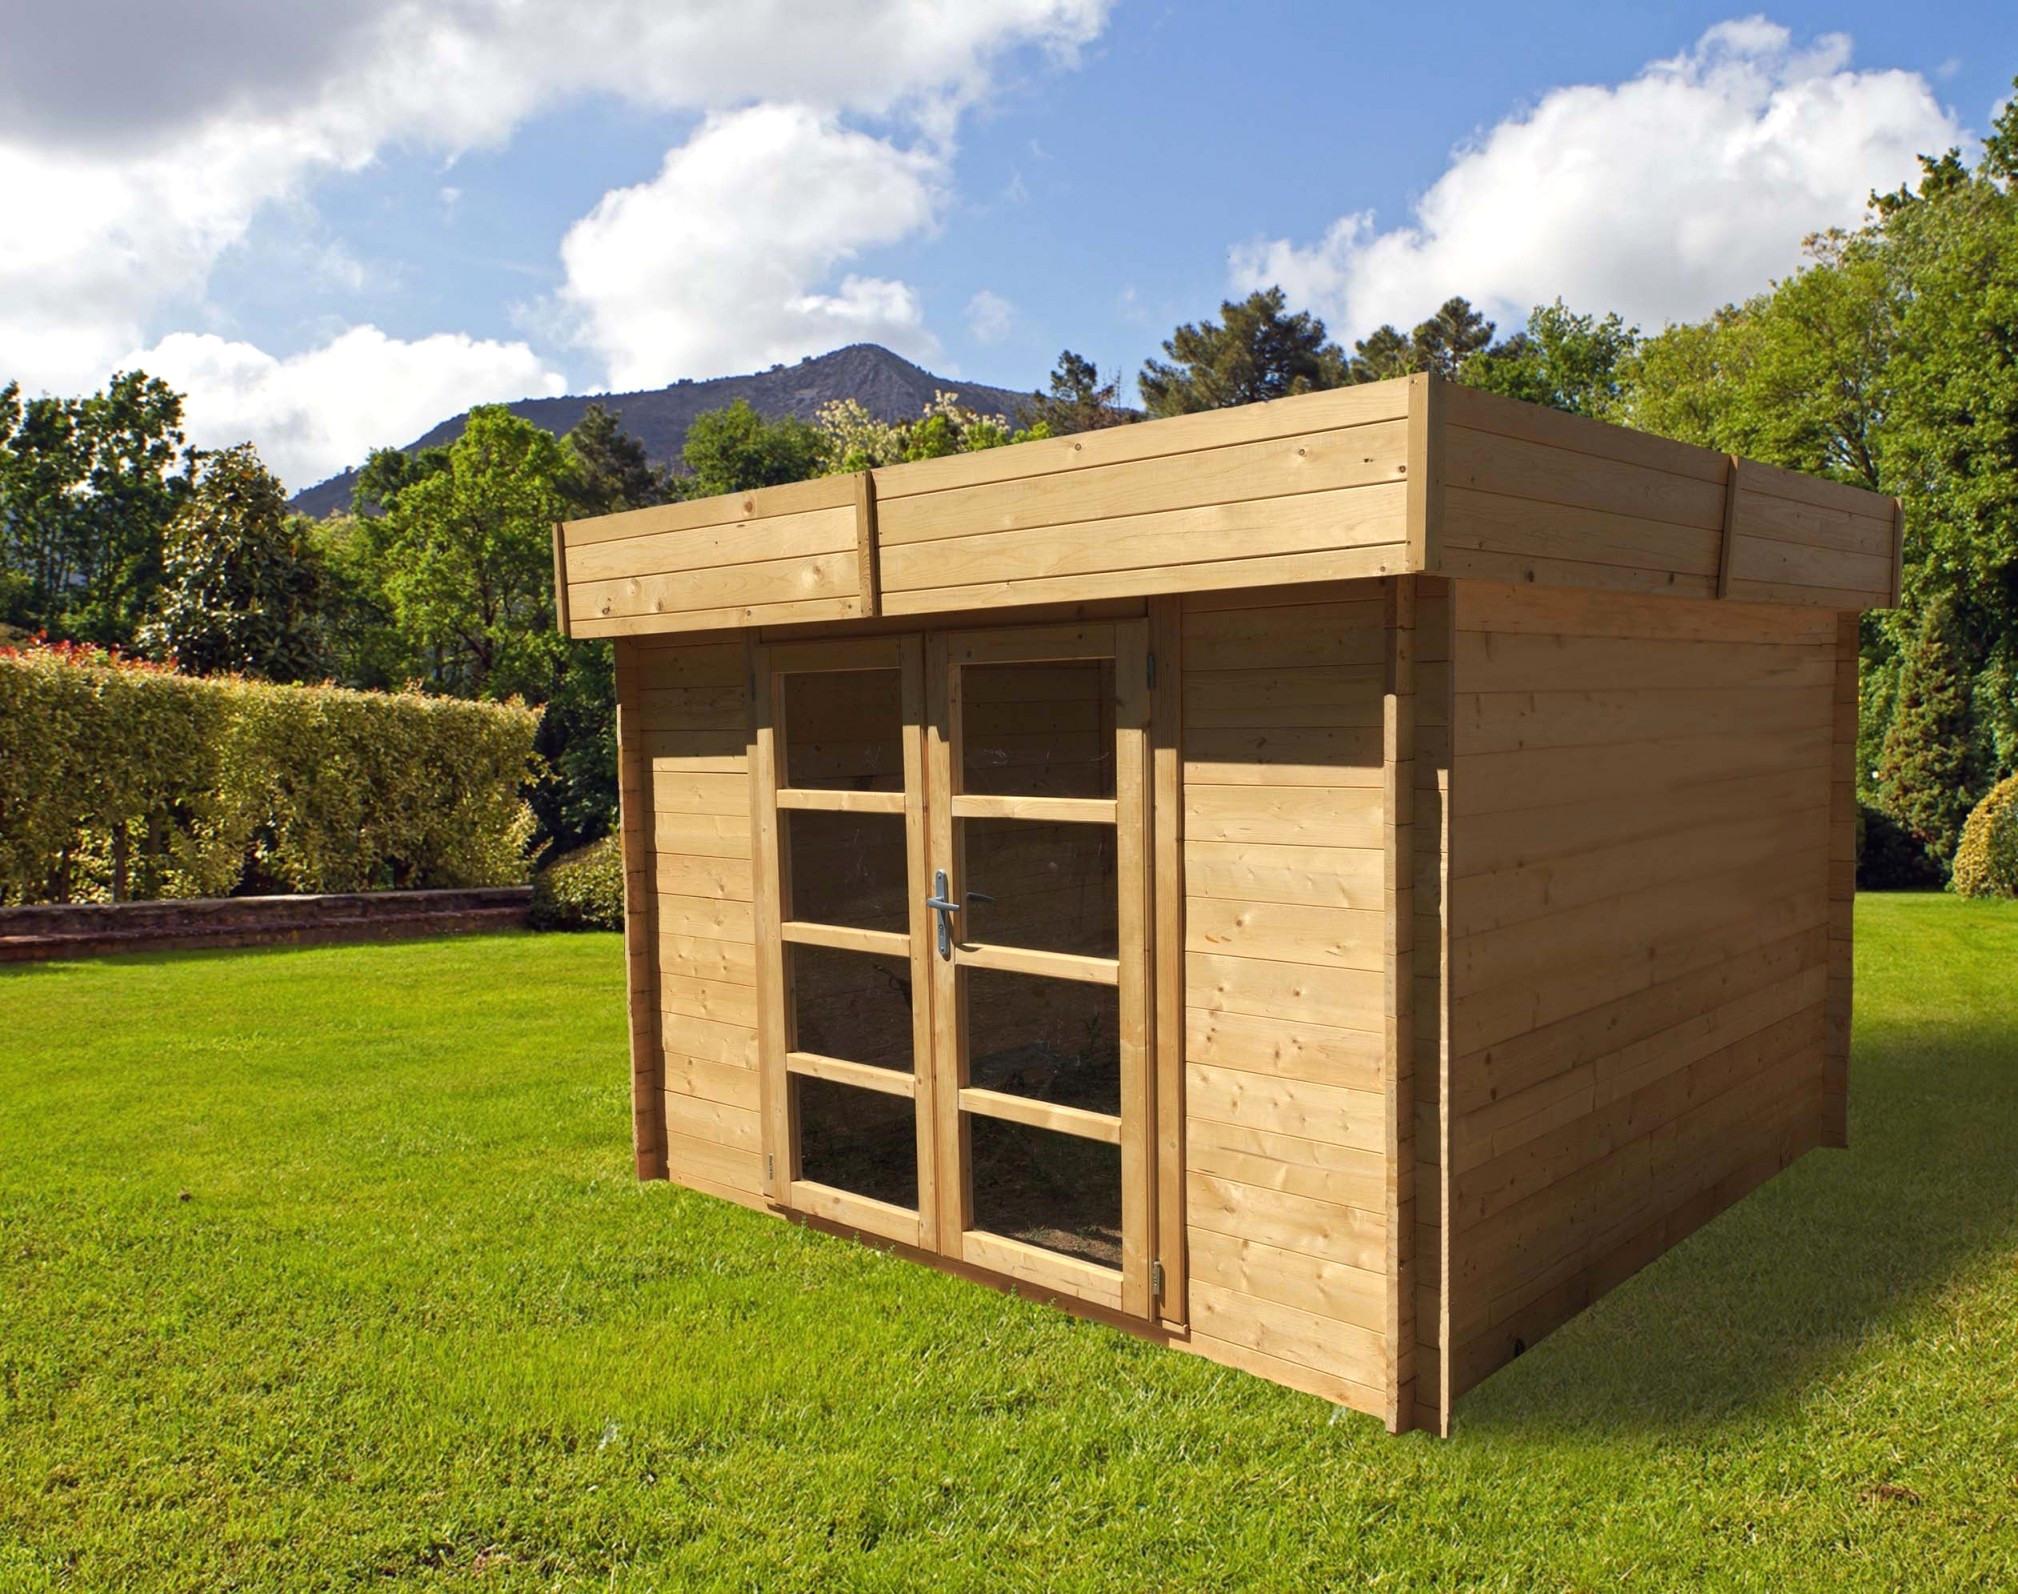 Brise Vue Lidl Élégant Images Banc Pour Balcon élégant Banc De Jardin En Bois Aussi Contemporain